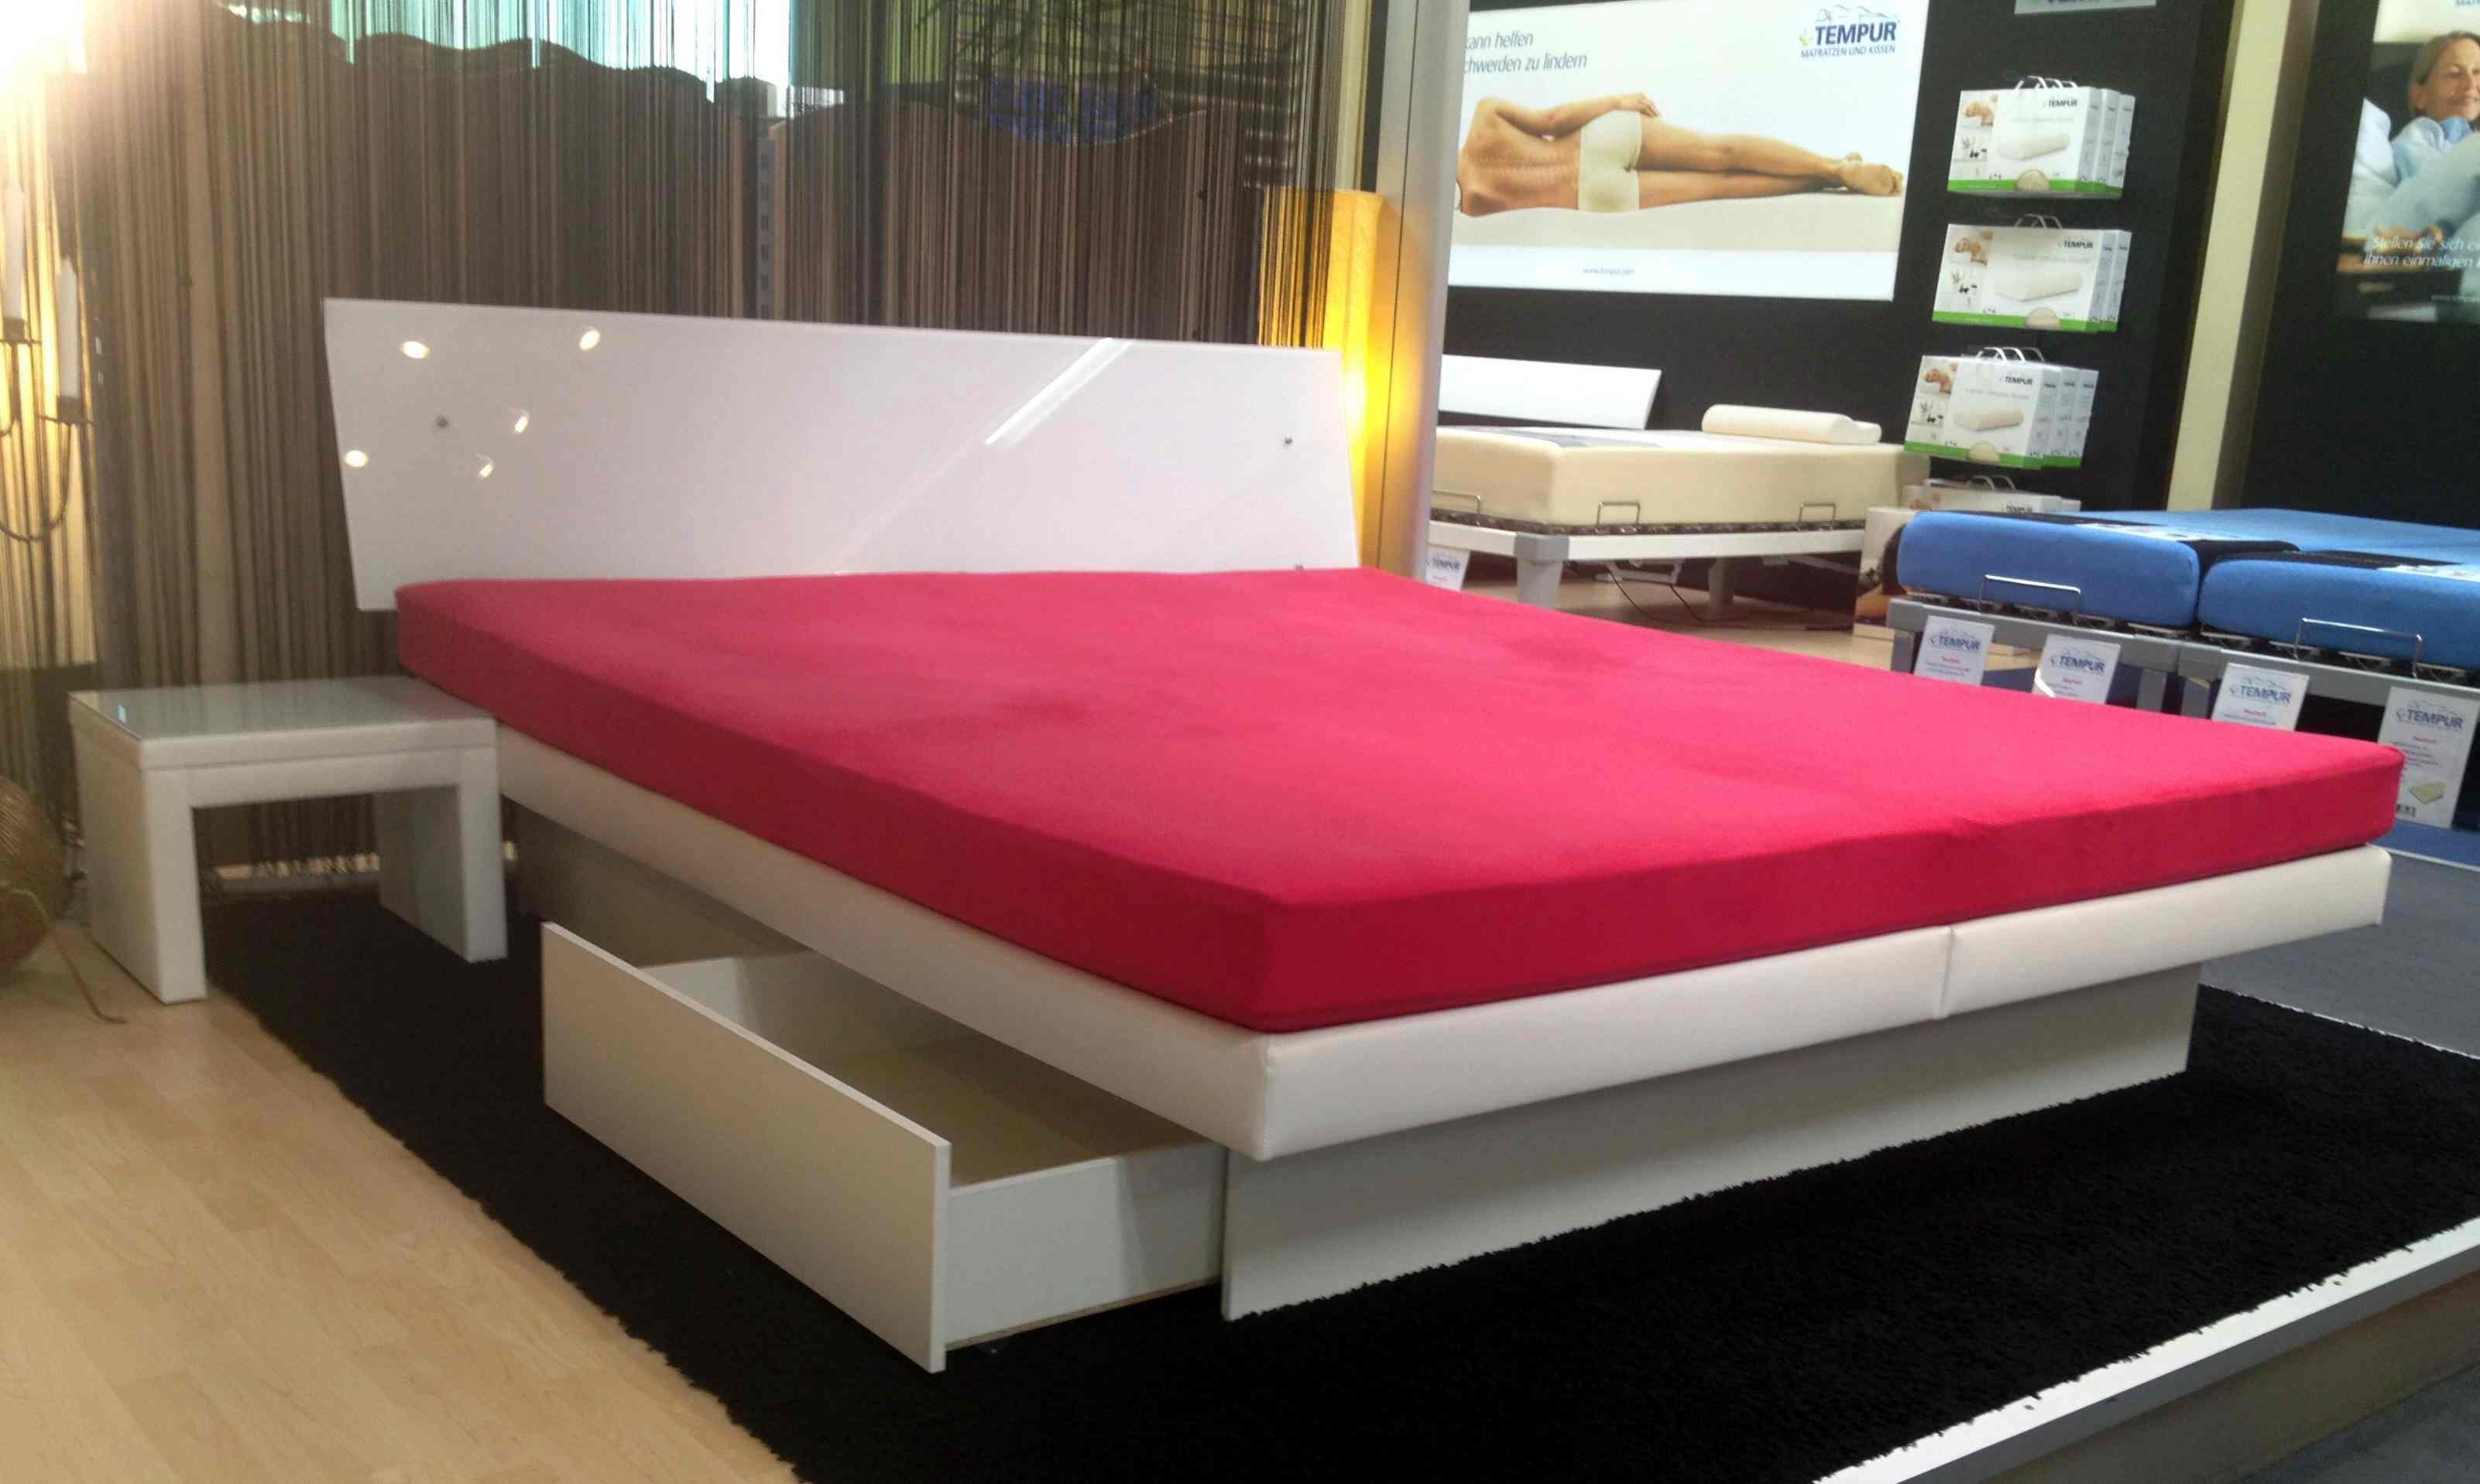 schlaf welt split wasserbett wasserbetten hannover. Black Bedroom Furniture Sets. Home Design Ideas